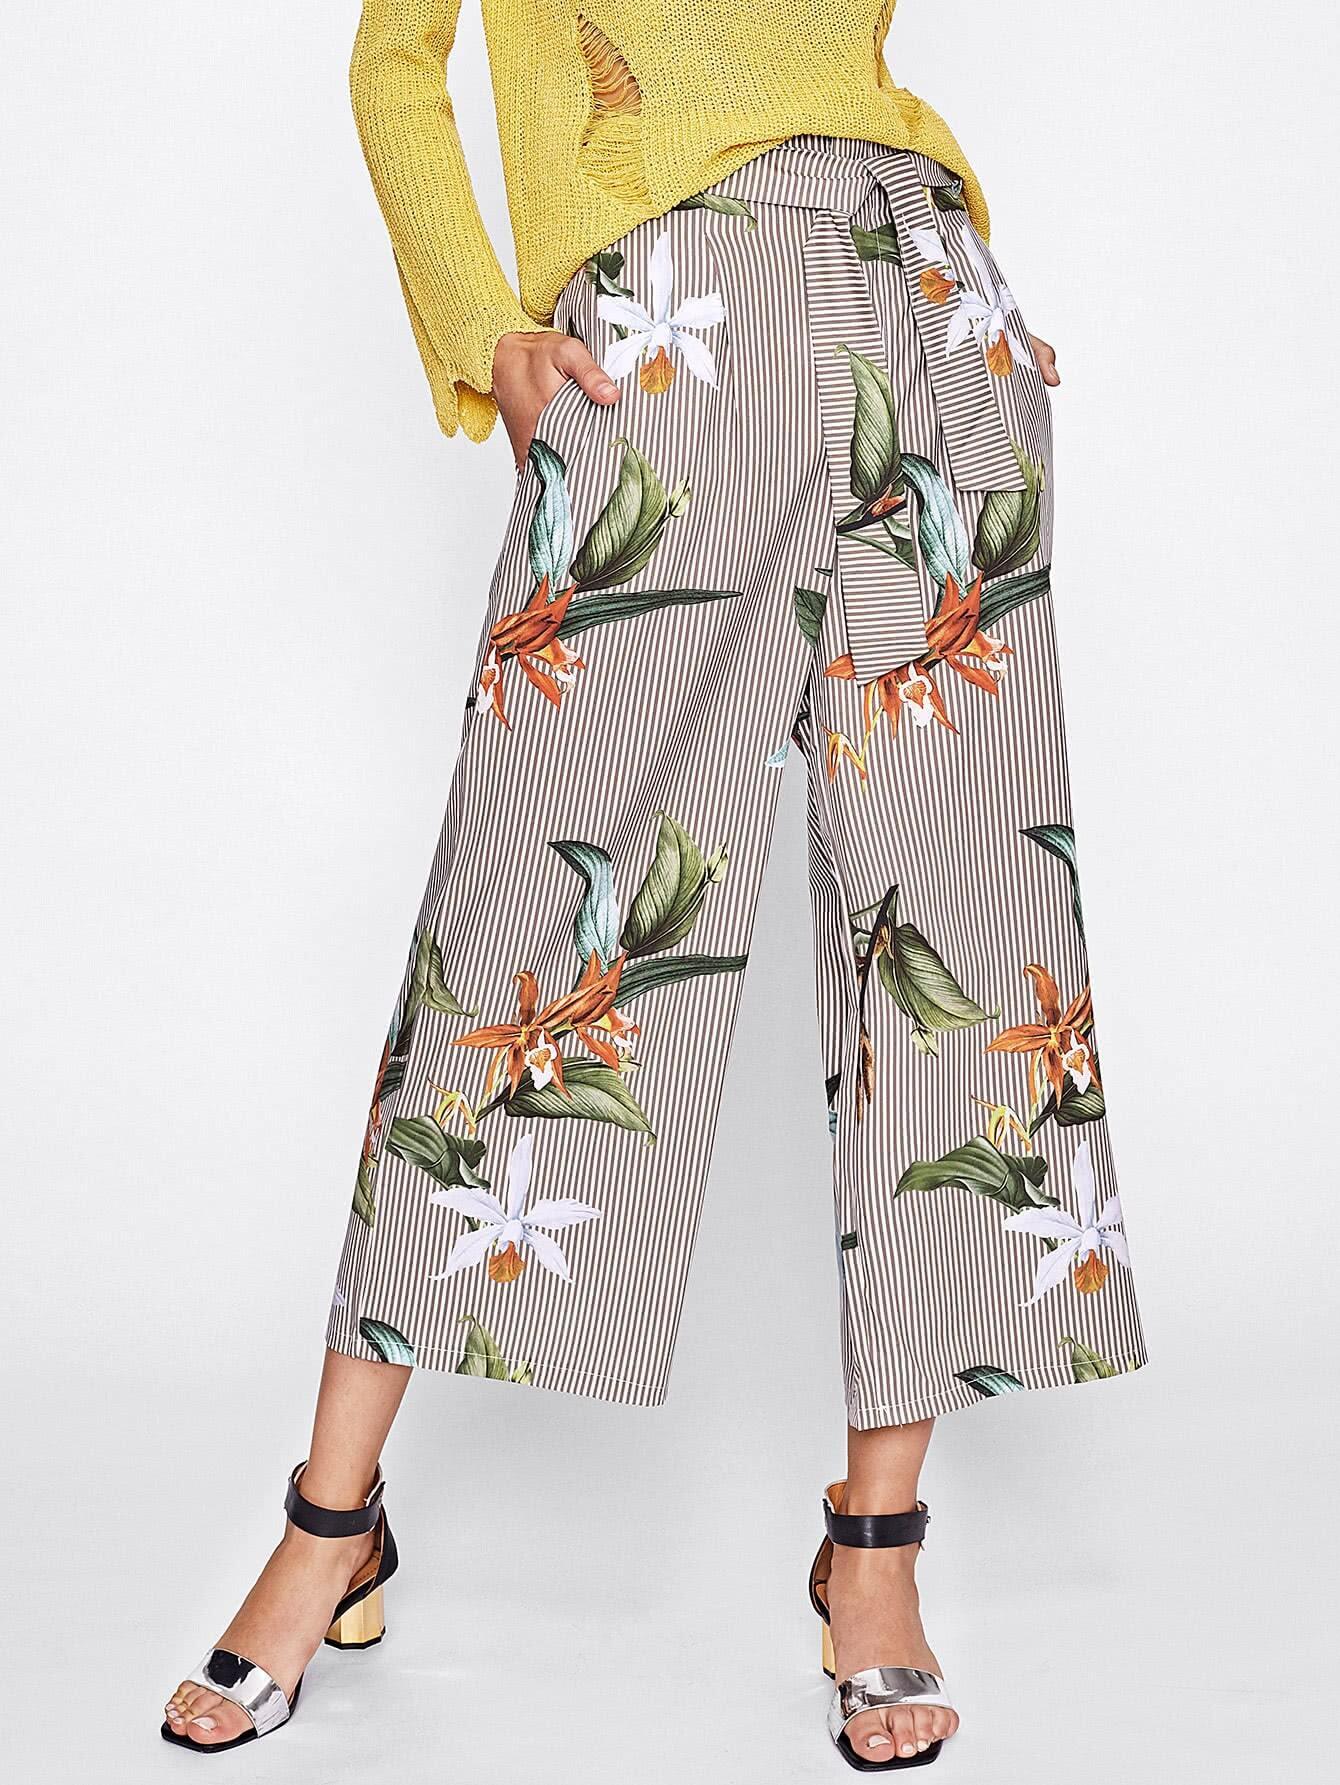 Buy Floral Print Tie Waist Wide Leg Pants